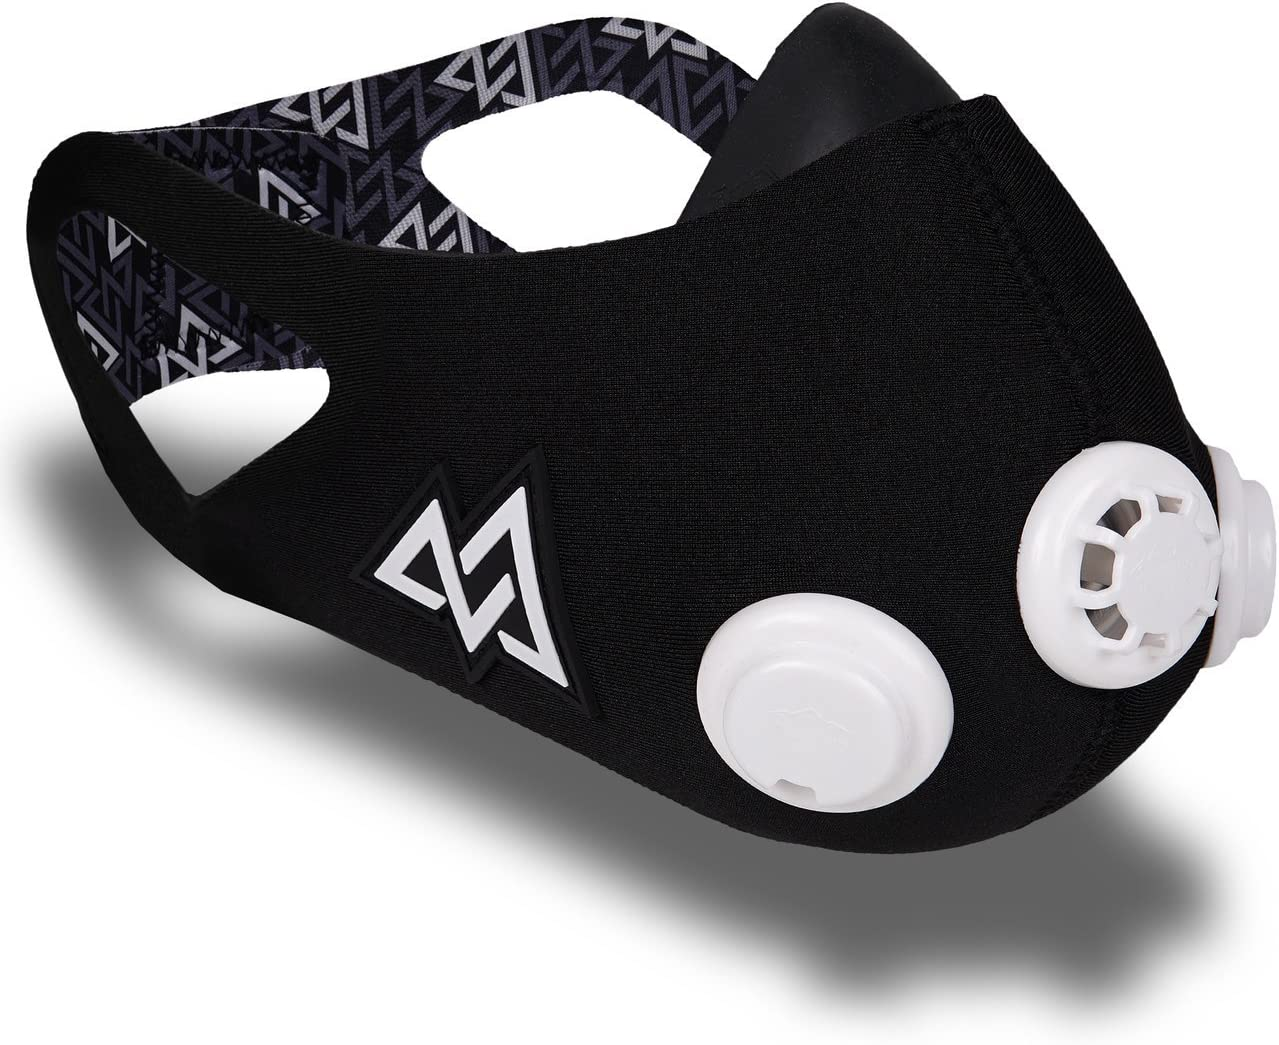 Amazon.es: Elevation Training Mask 50-0150 - Máscara de entrenamiento